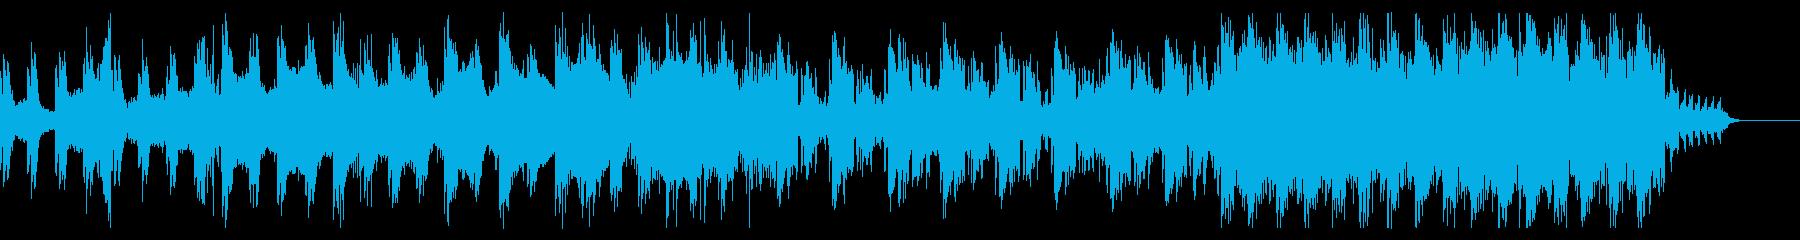 ピアノ主導のダークな曲の再生済みの波形